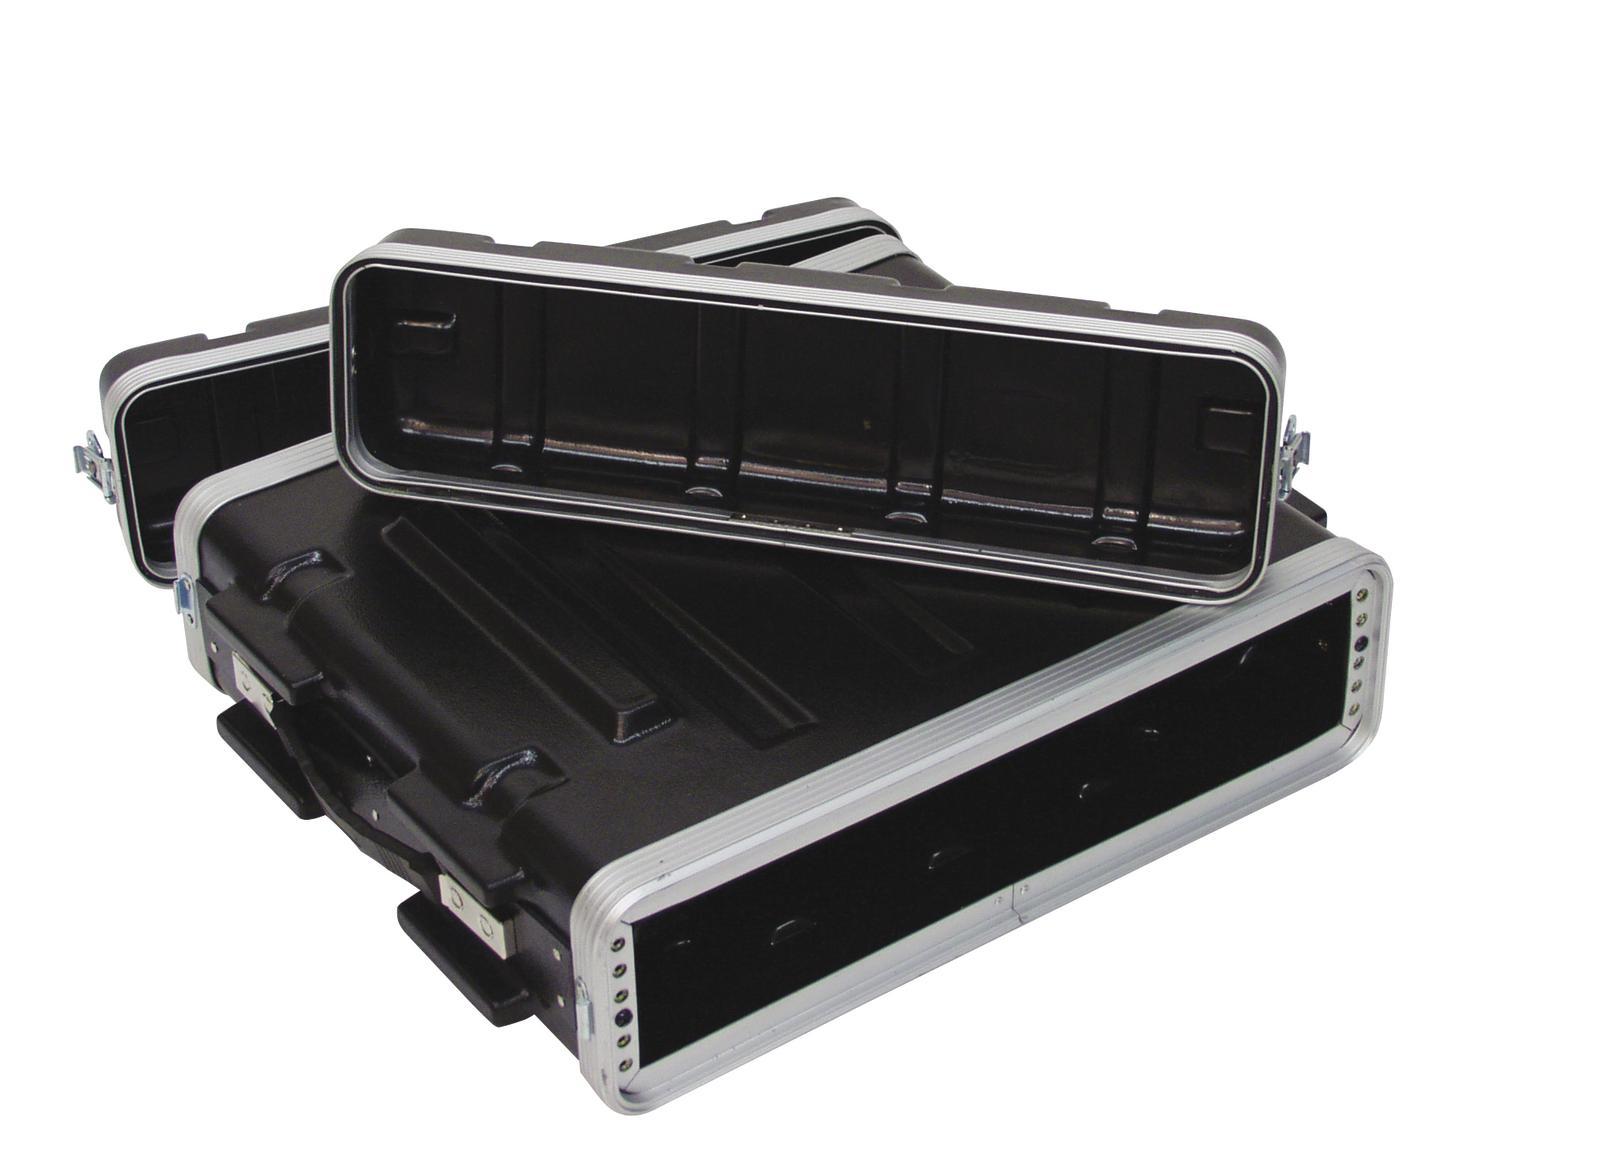 ROADINGER Plastica rack KR-19, 2U, DD, nero